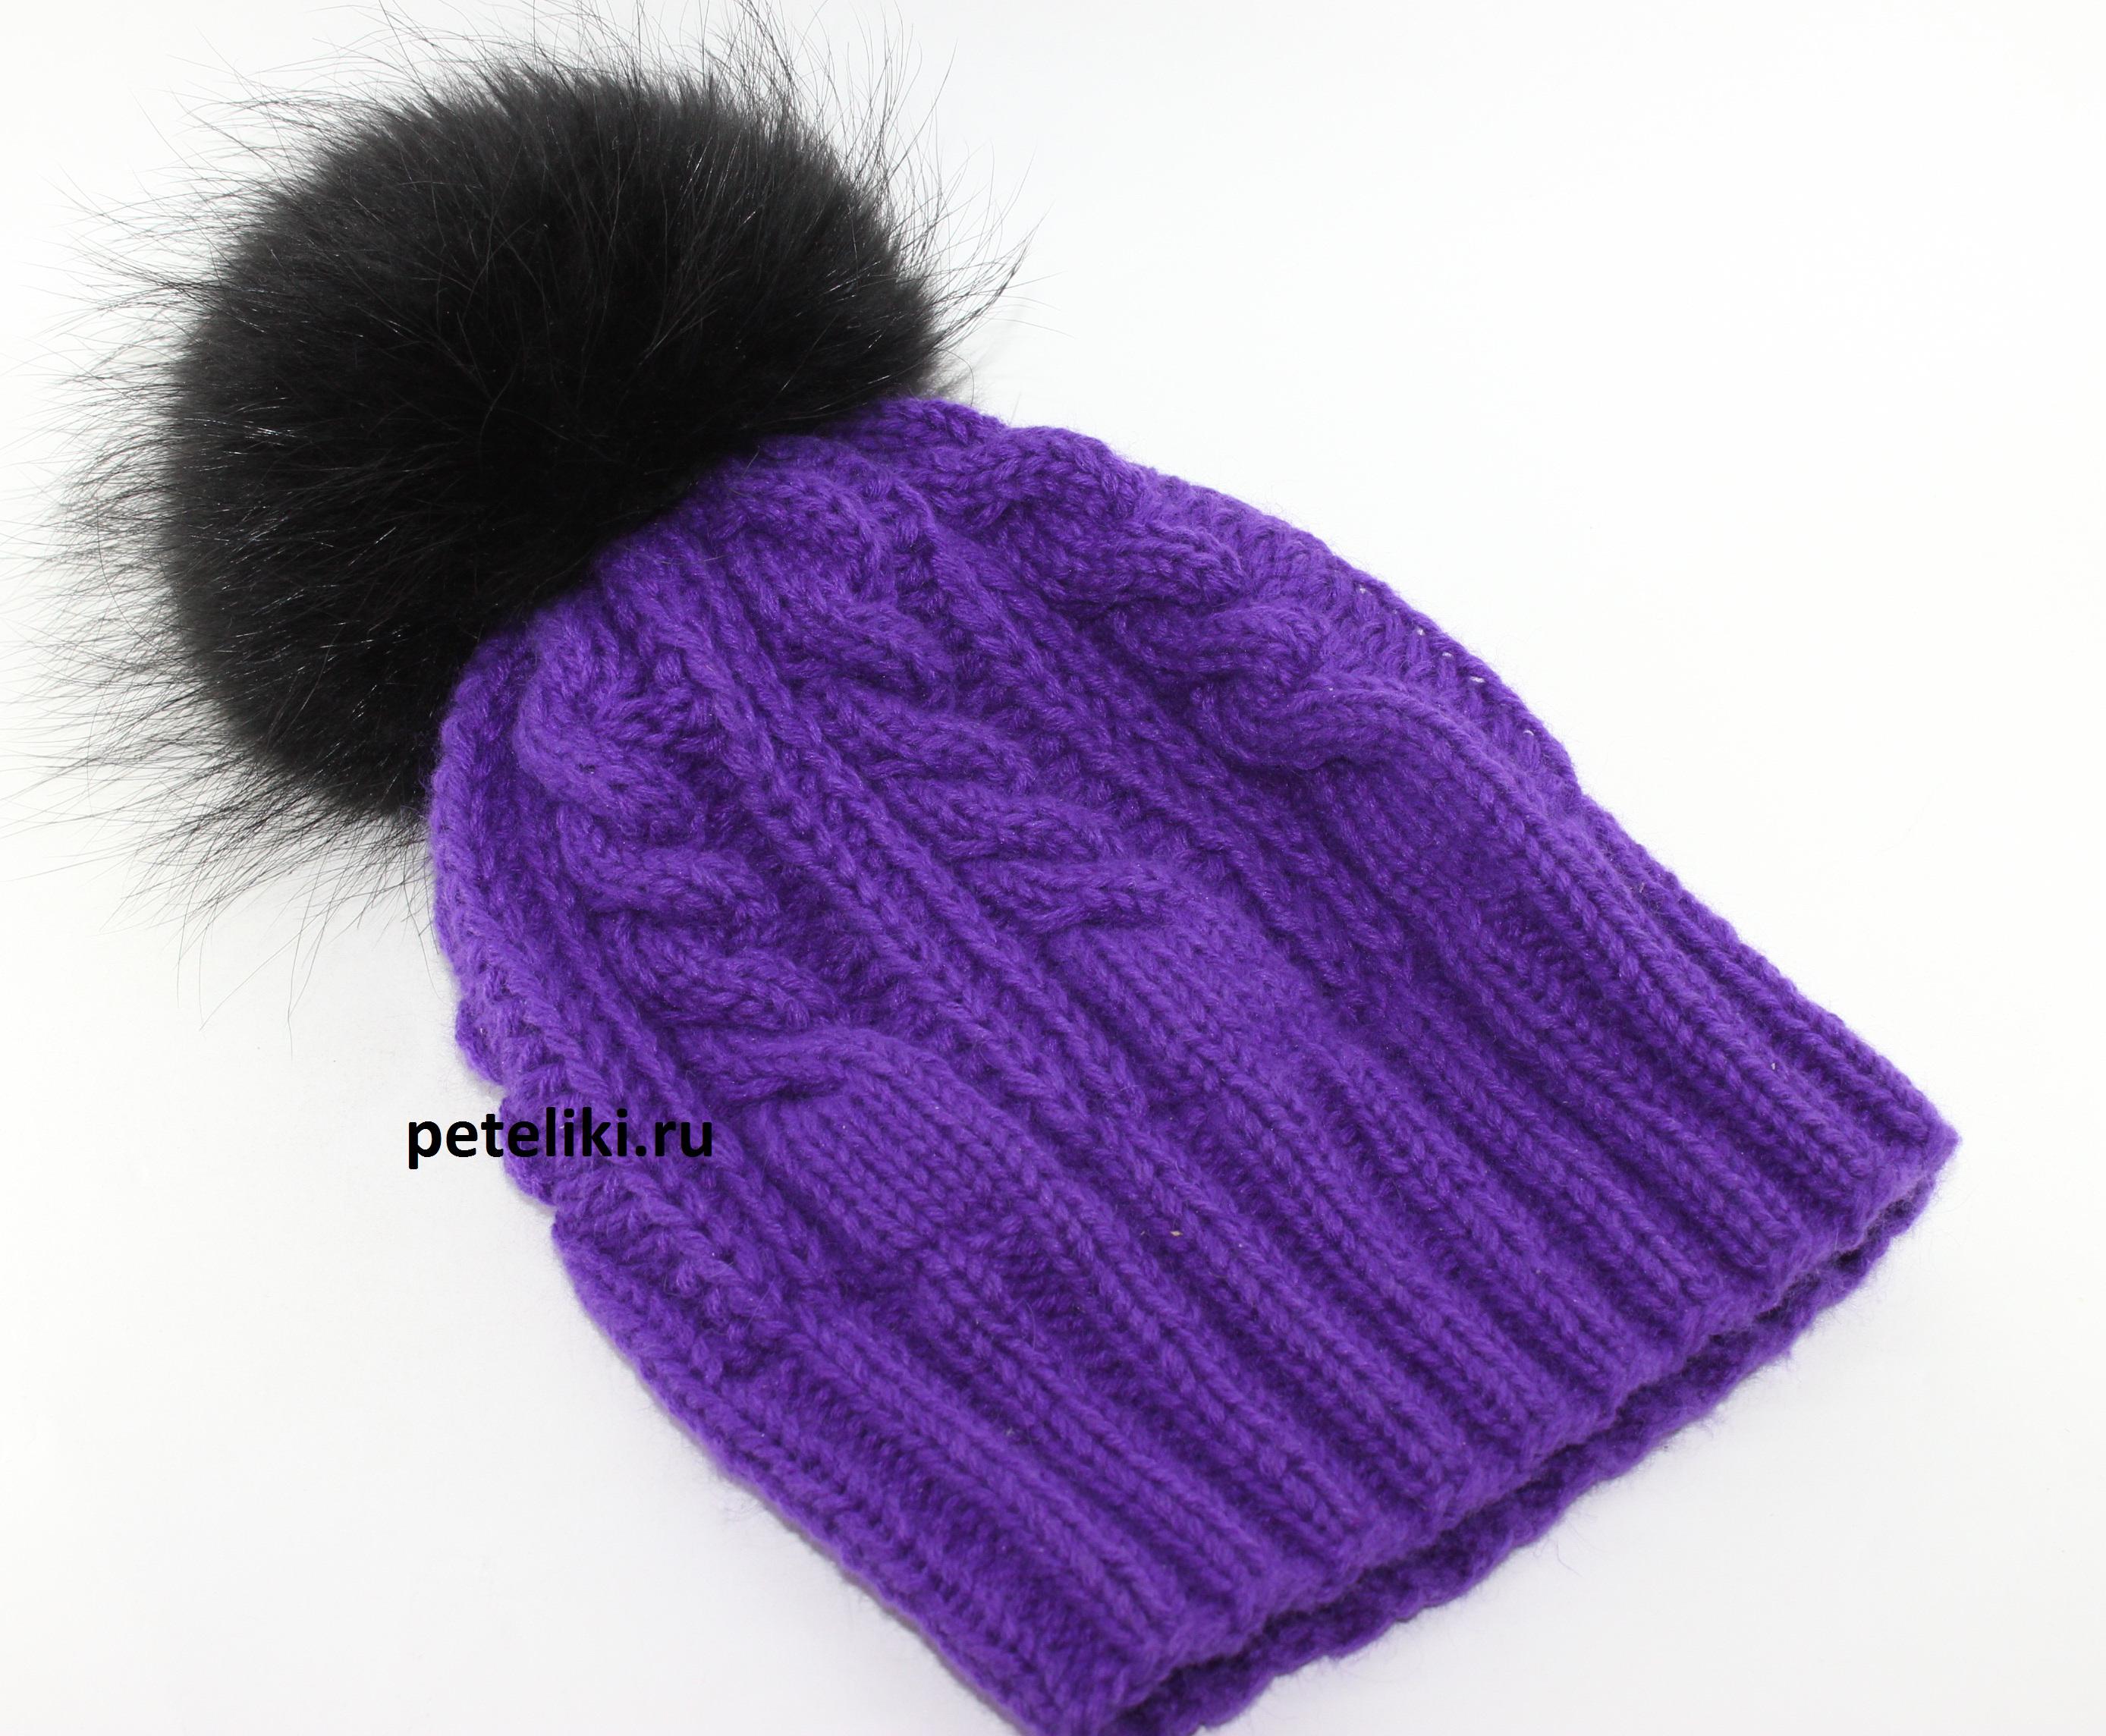 Помпон из натурального меха для шапки своими руками